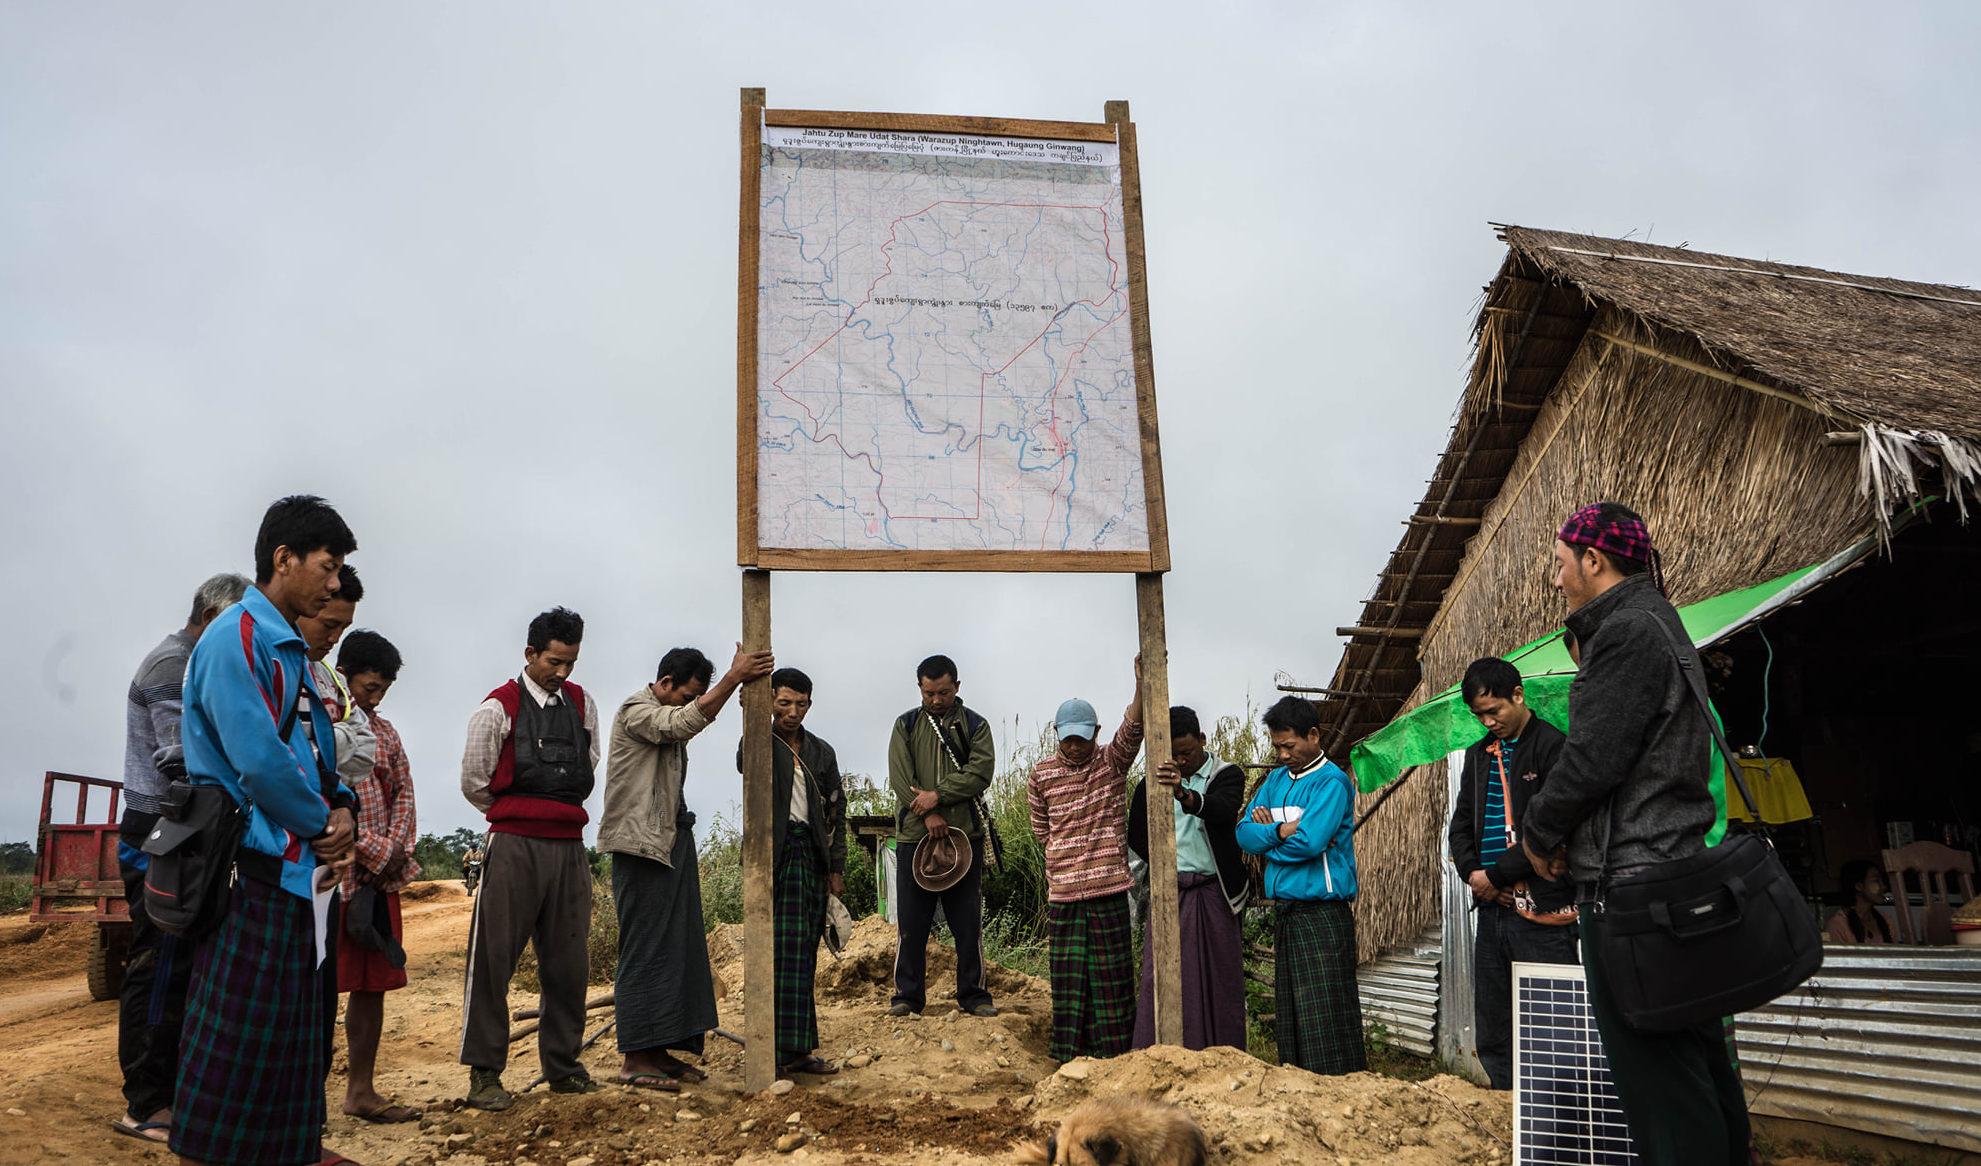 ဟူကောင်းဒေသခံများ ကိုယ်ပိုင်ကျေးရွာစားကျက်မြေ သတ်မှတ်